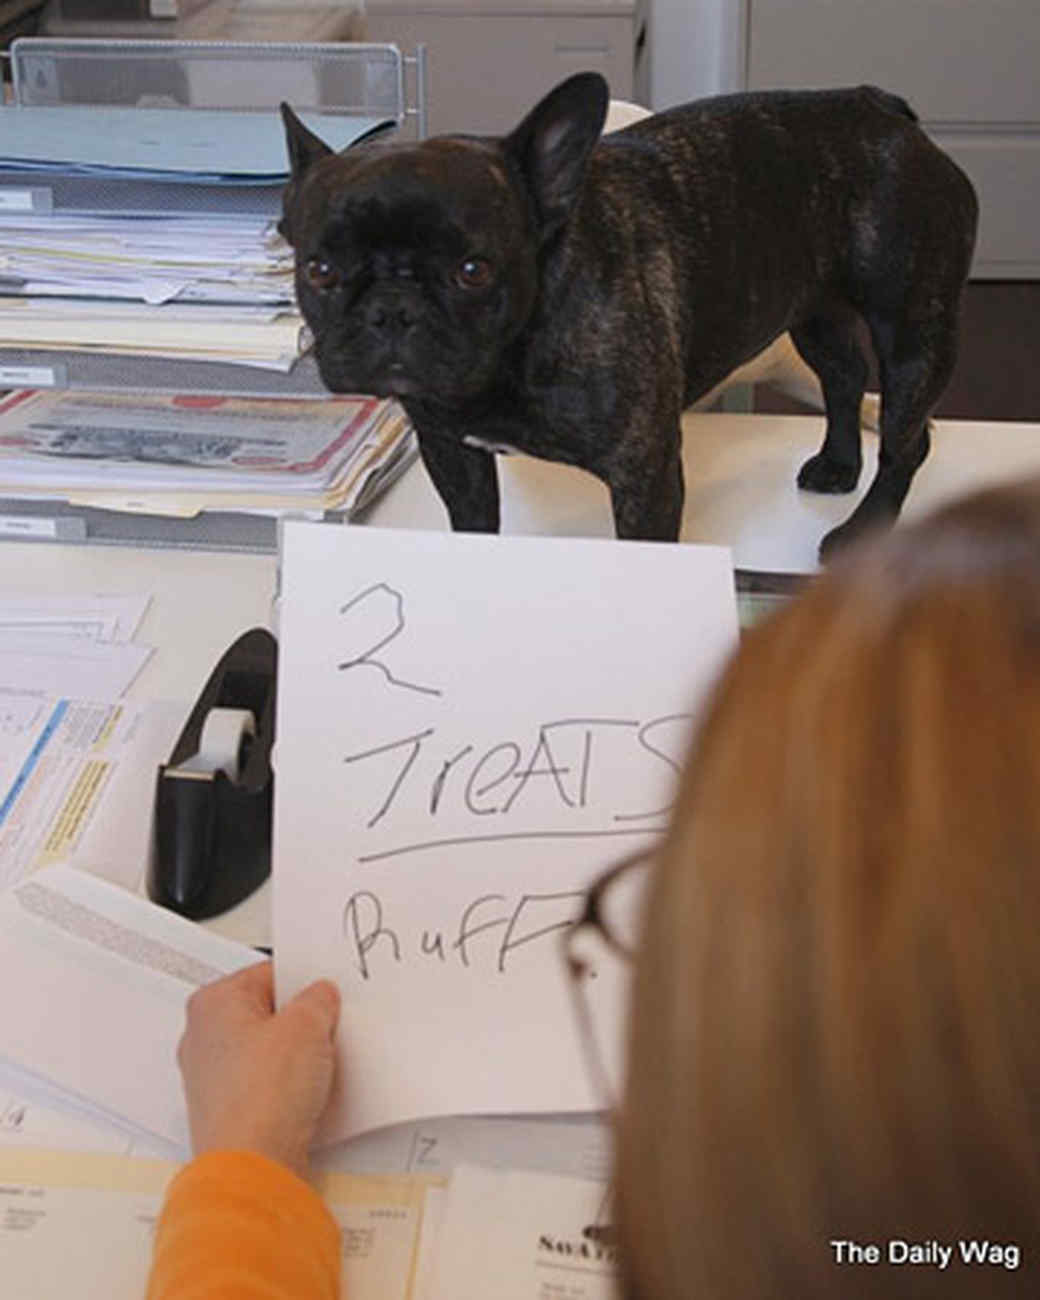 pets_best_wag_negotiating1.jpg